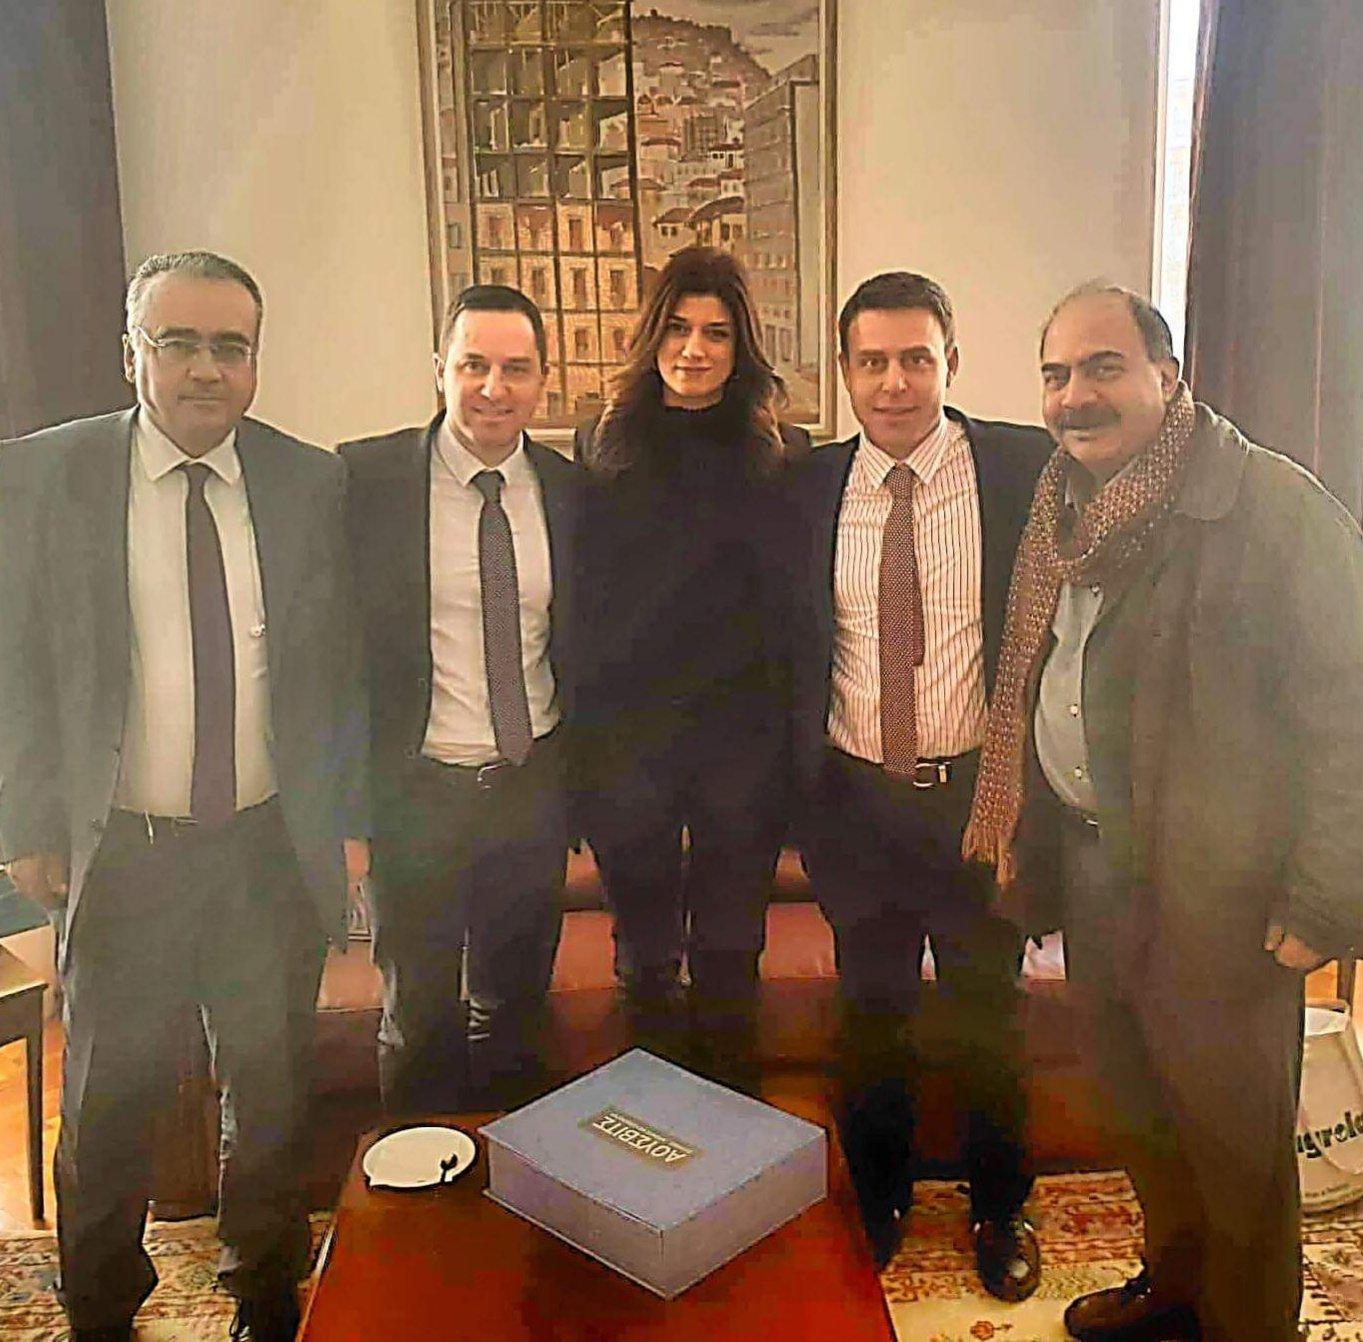 Συνάντηση του προέδρου της Ολομέλειας των Δικηγορικών Συλλόγων με την Κατερίνα Νοτοπούλου